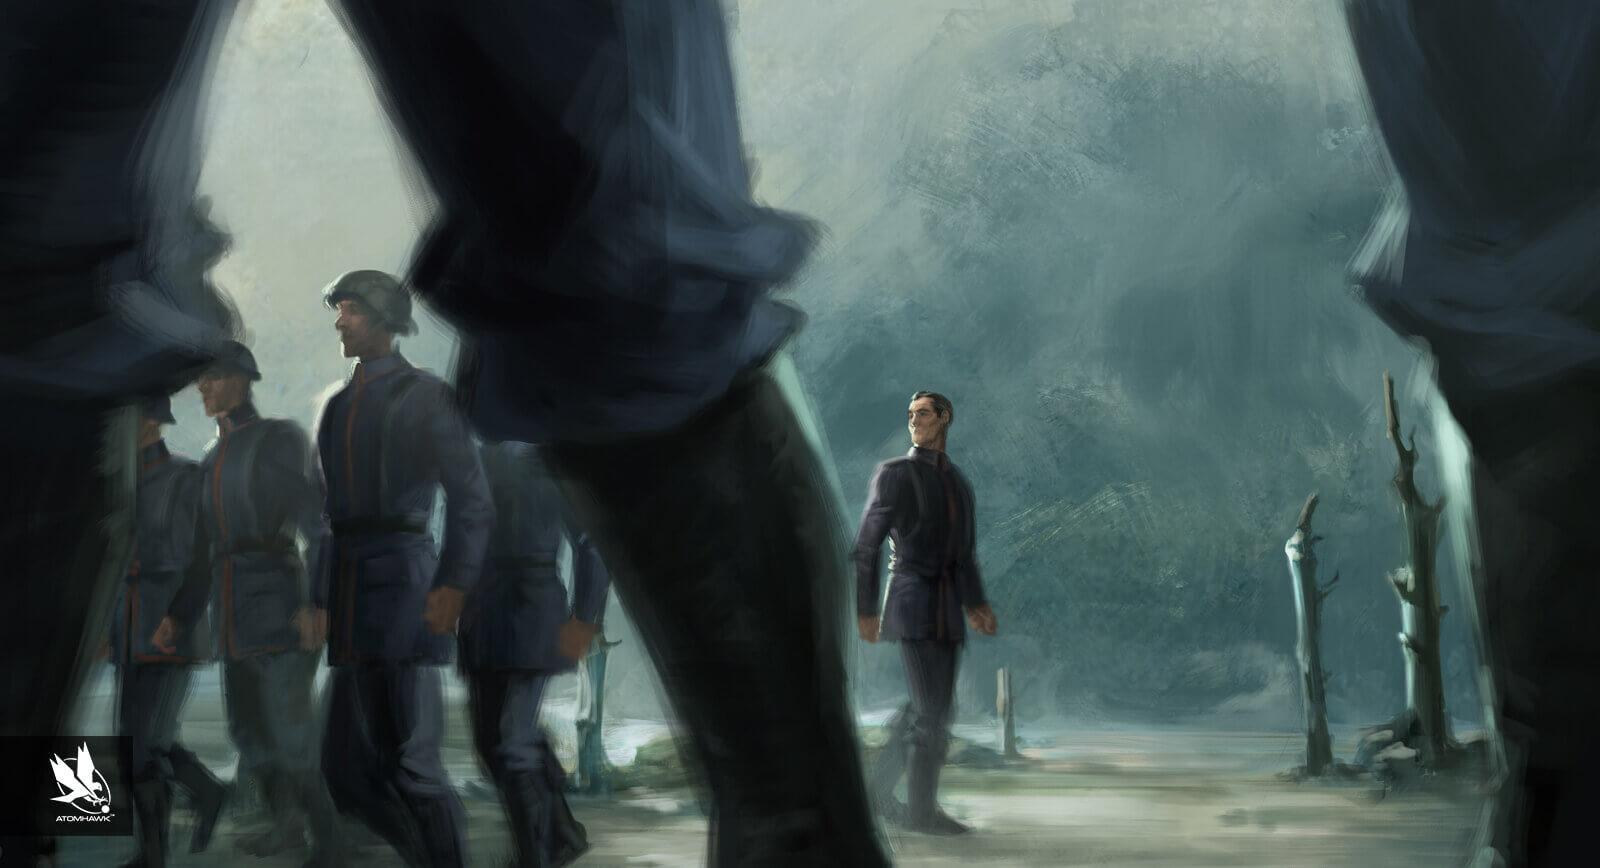 Aardman Studios - 11-11-Memories Retold - Concept Art - AWOL Soldier